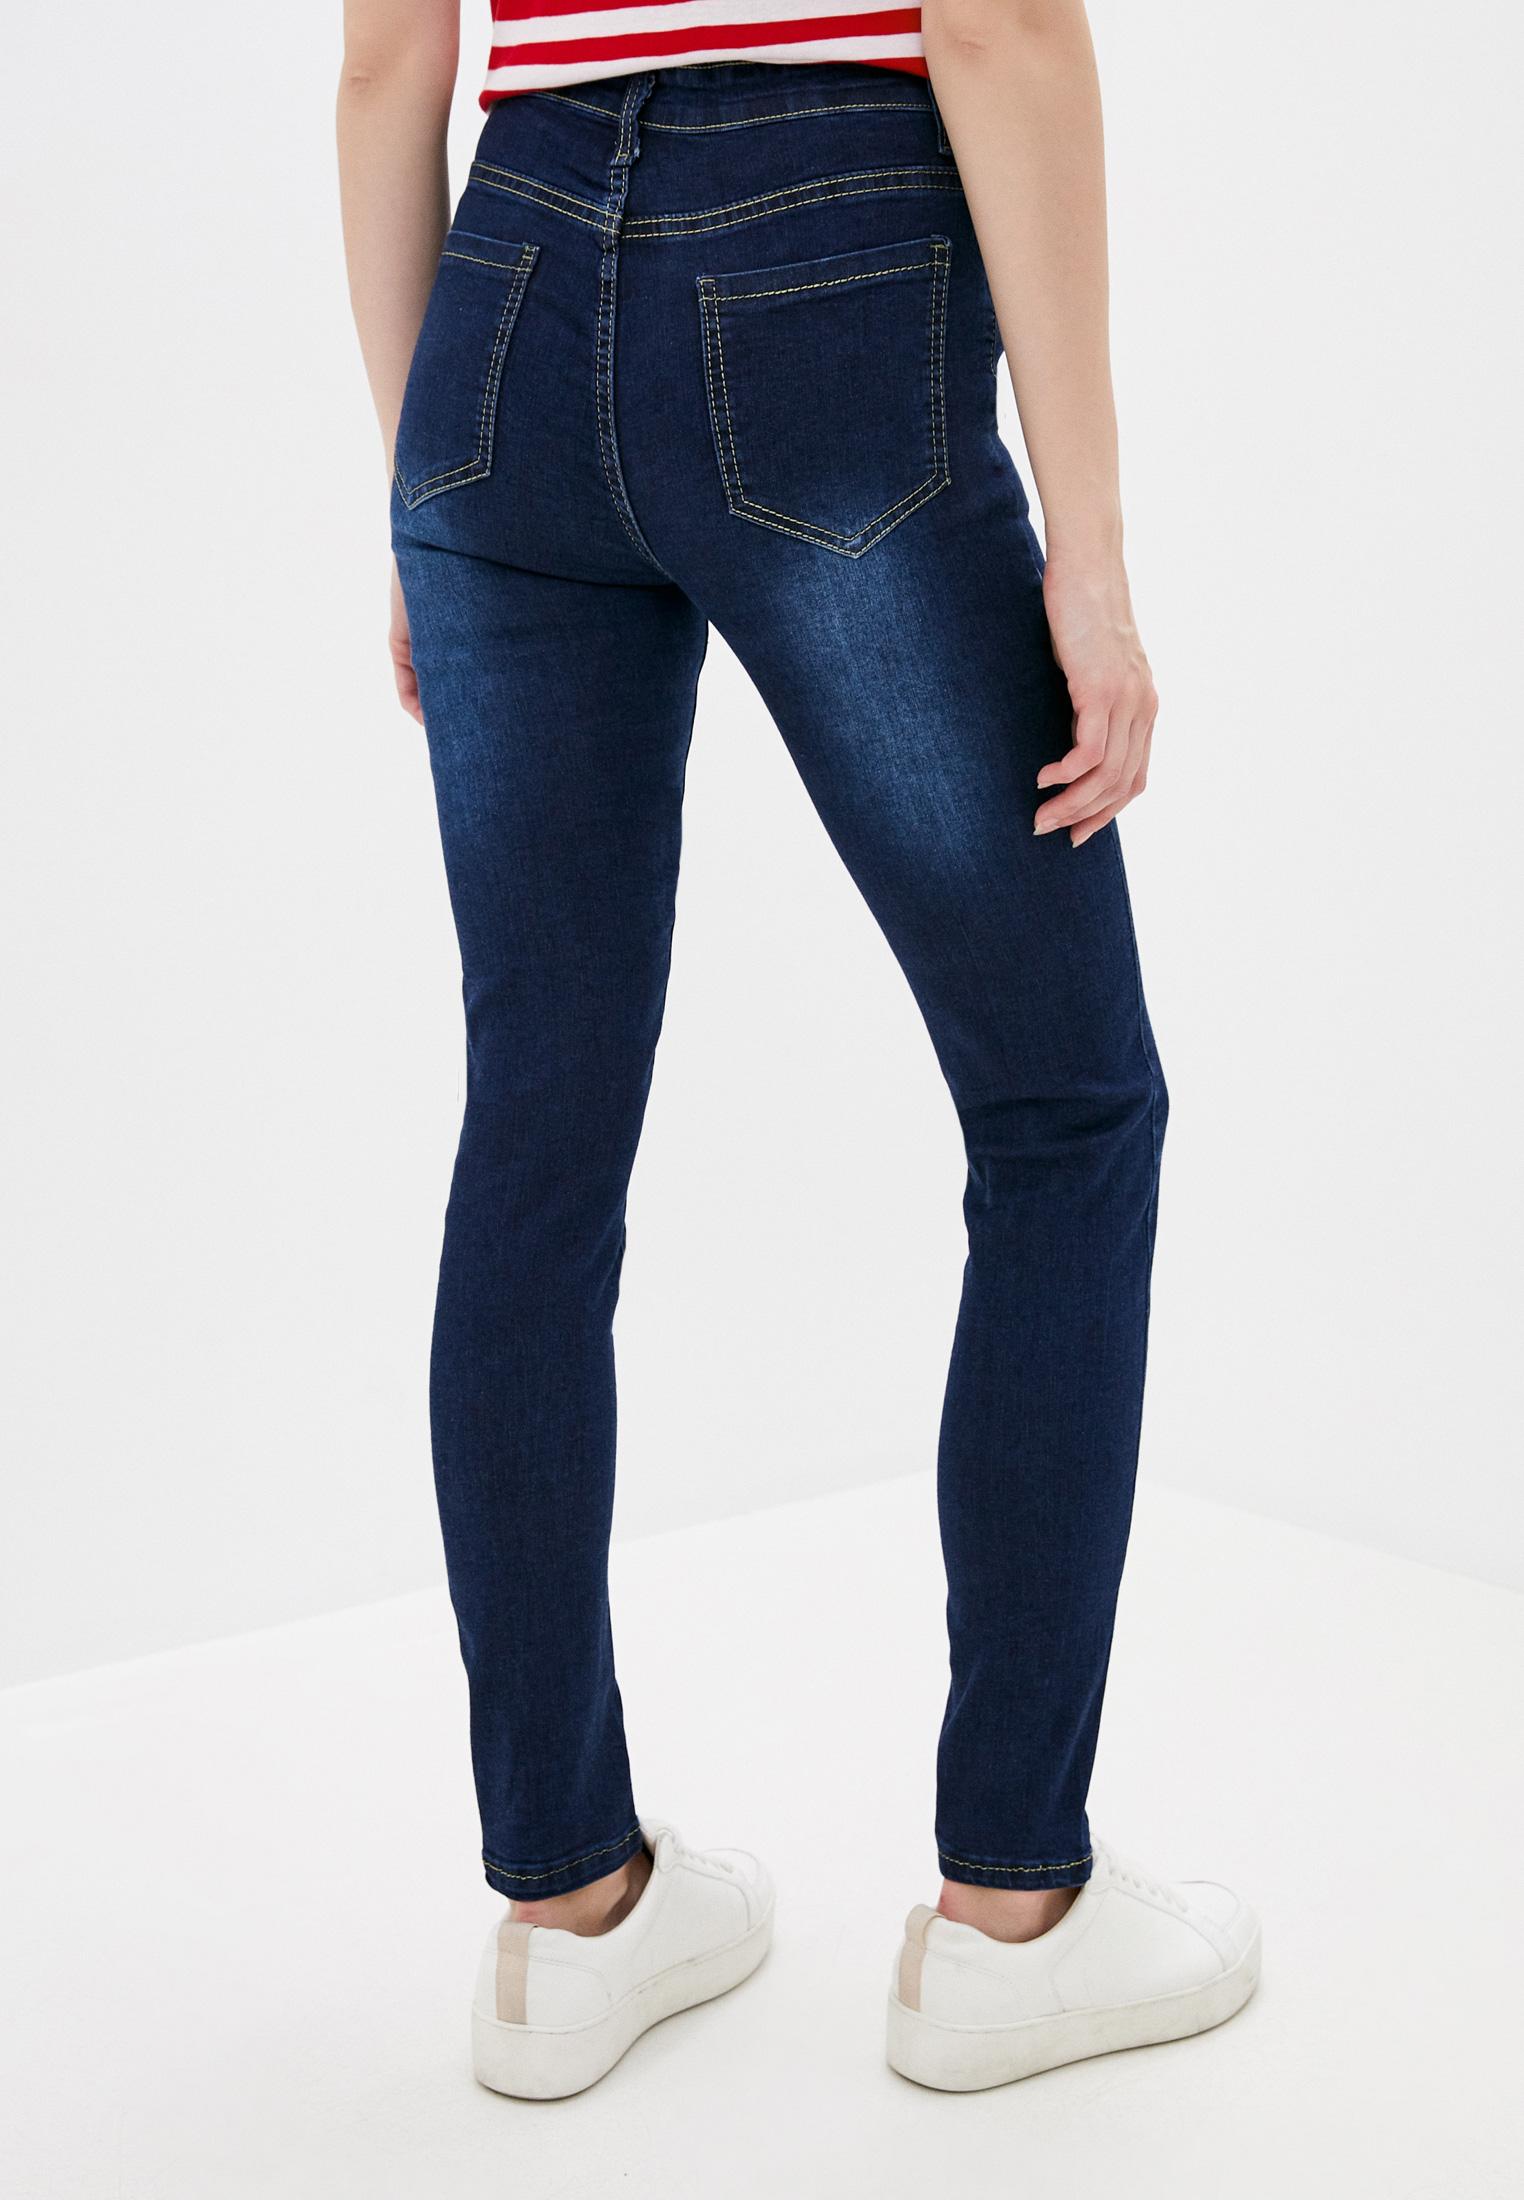 Зауженные джинсы Toku Tino TT8599326/002: изображение 3